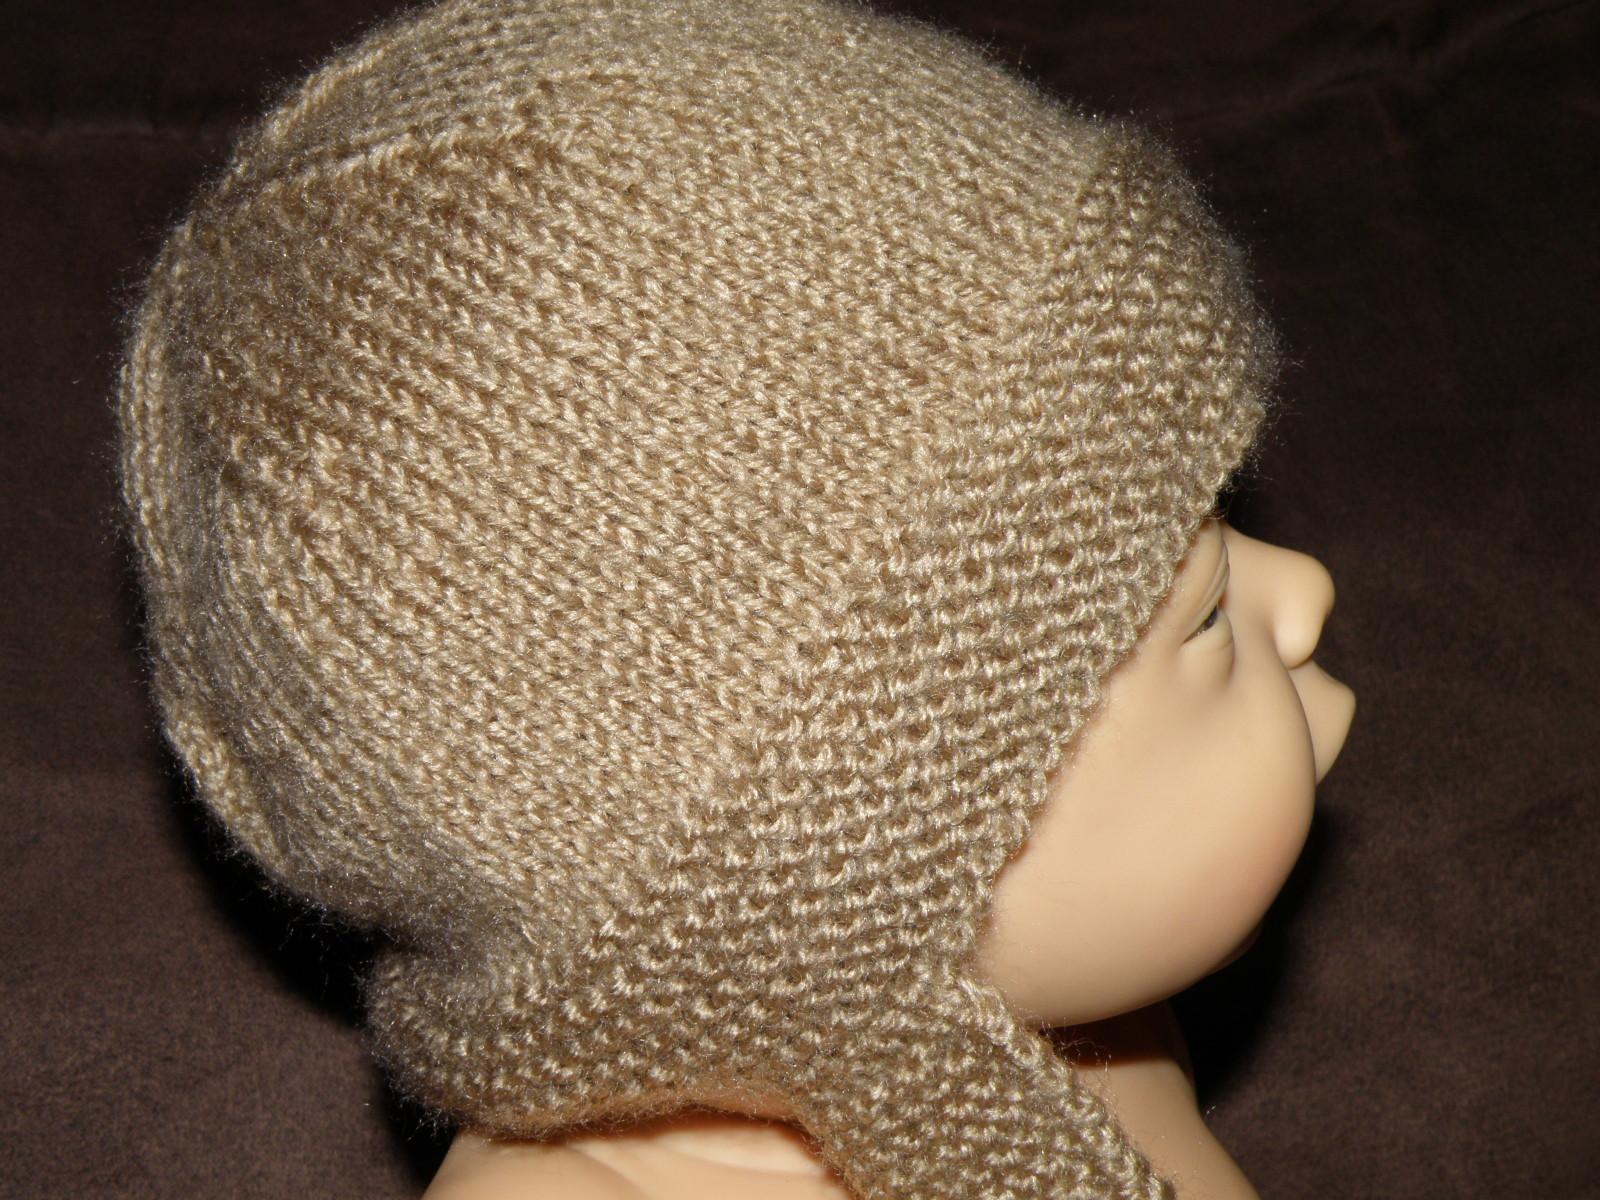 c861efd0a6a Tricoter un bonnet pour bébé facile - Idées de tricot gratuit